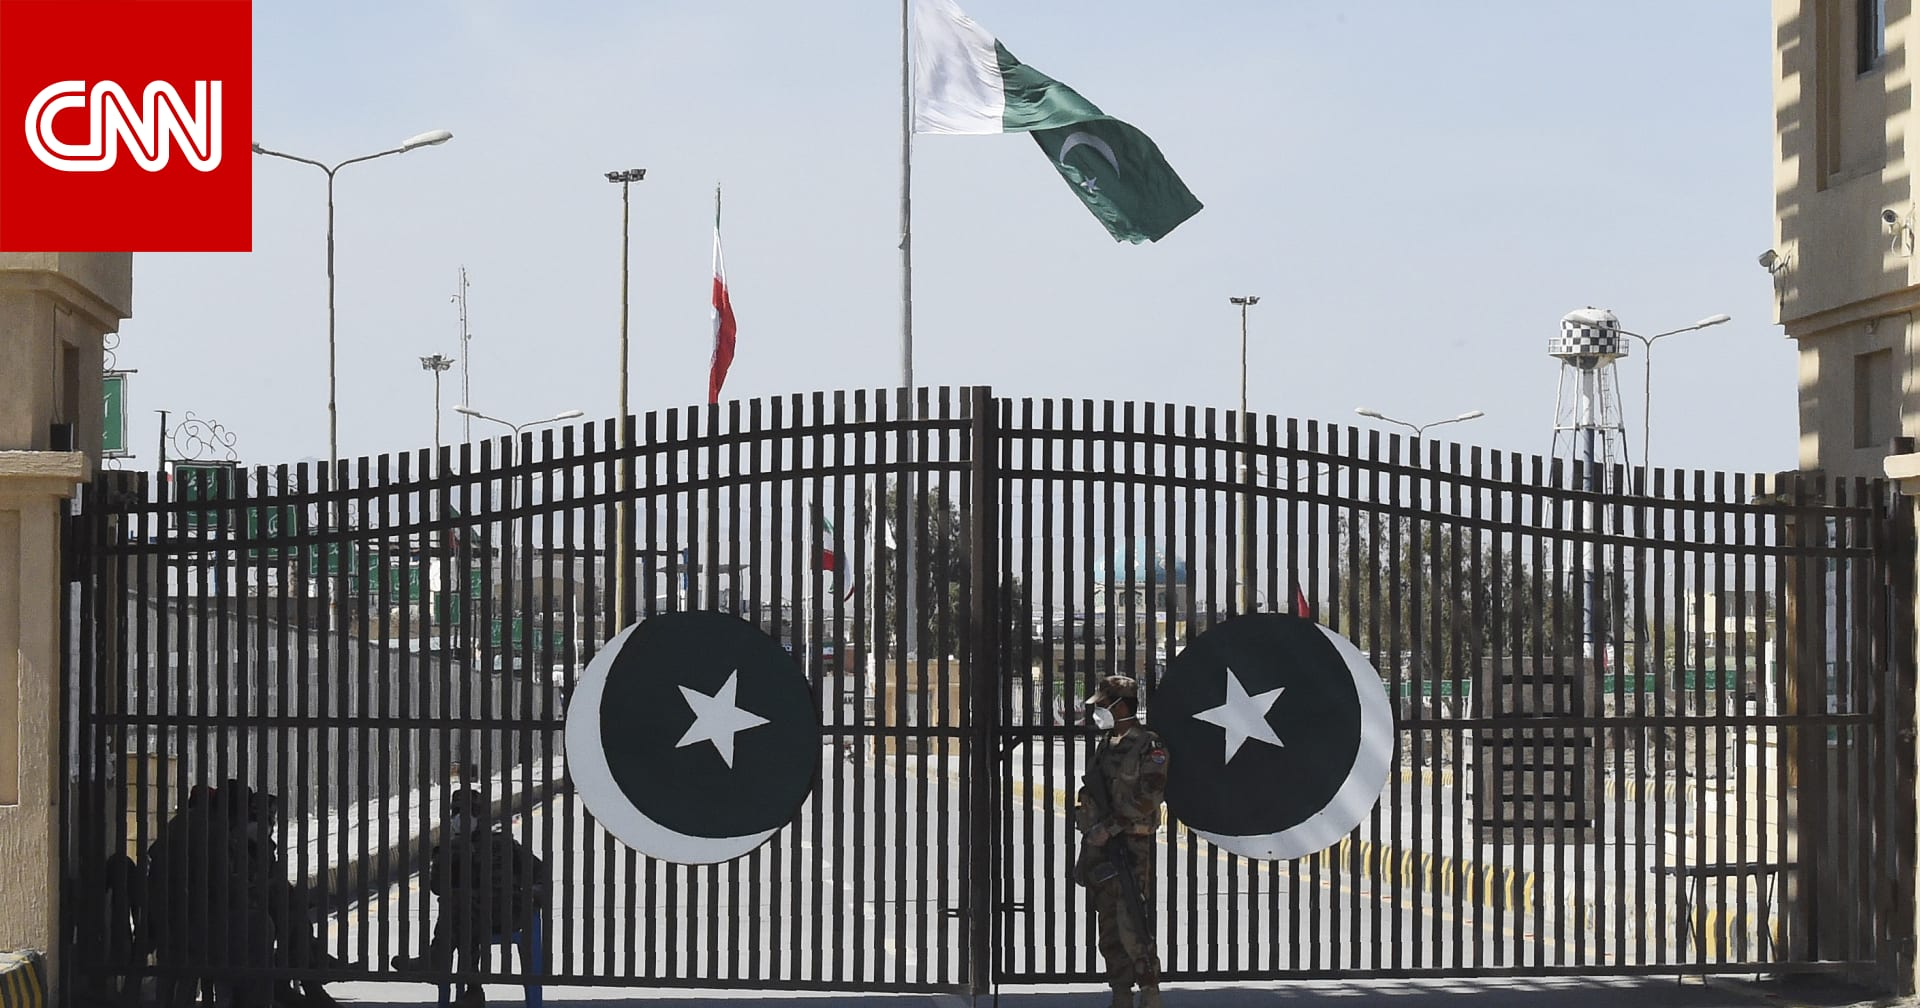 إيران تعلن إغلاق المعابر الحدودية مع باكستان حتى إشعار آخر